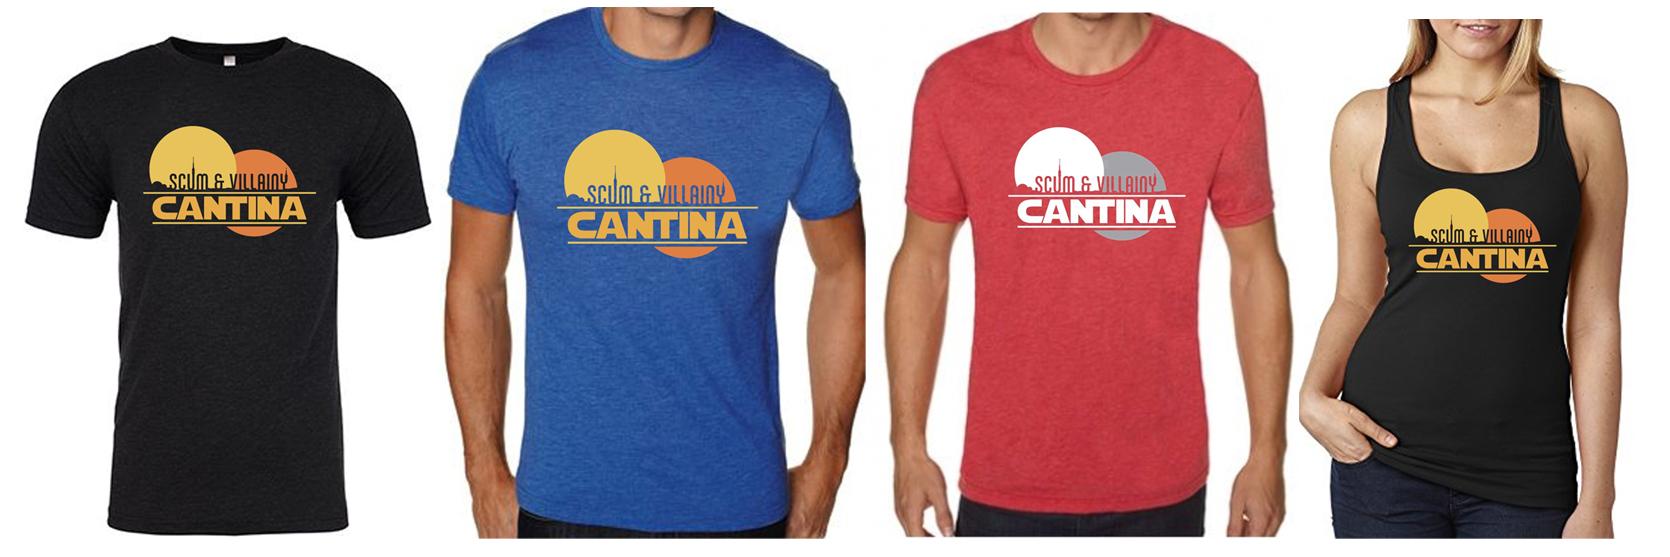 SAVC Shirts